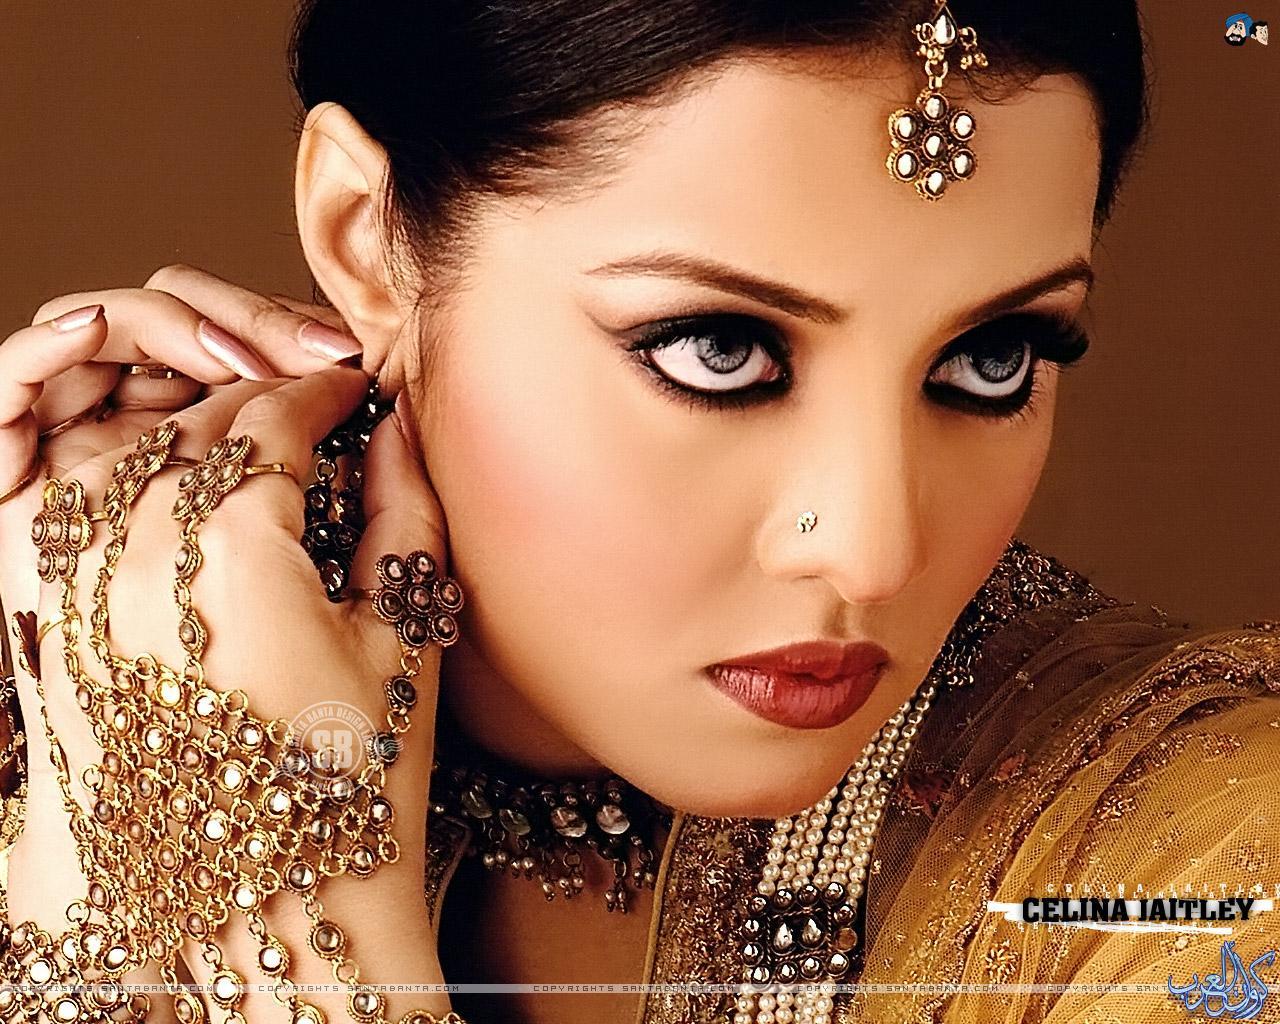 بالصور صور ملكة جمال الهند , صور تجنن لملكه جمال الهند 3976